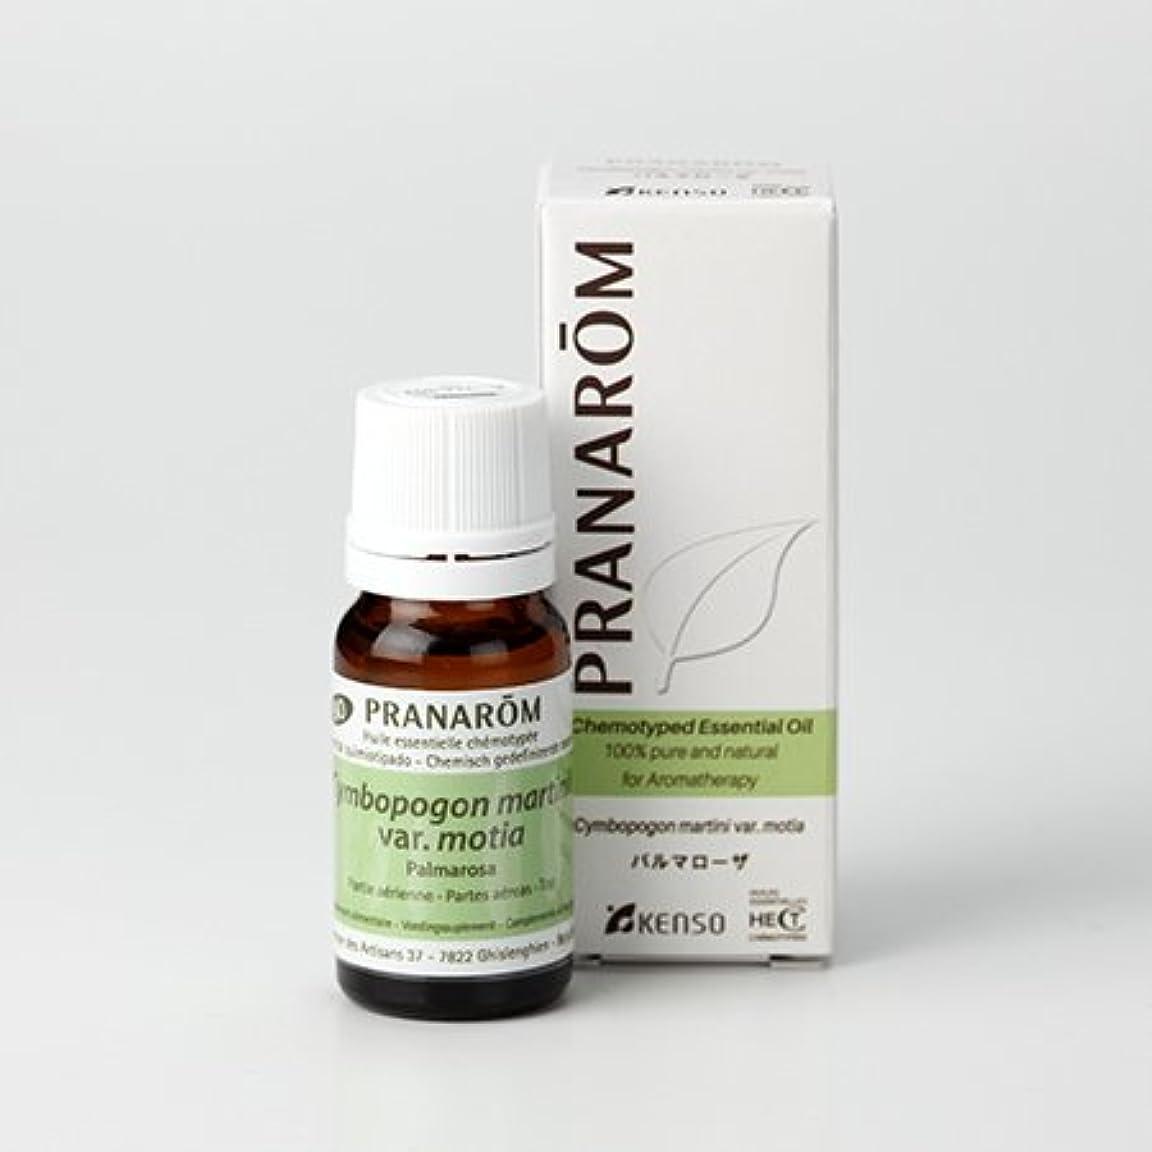 りミニチュアピストルプラナロム ( PRANAROM ) 精油 パルマローザ 10ml p-59